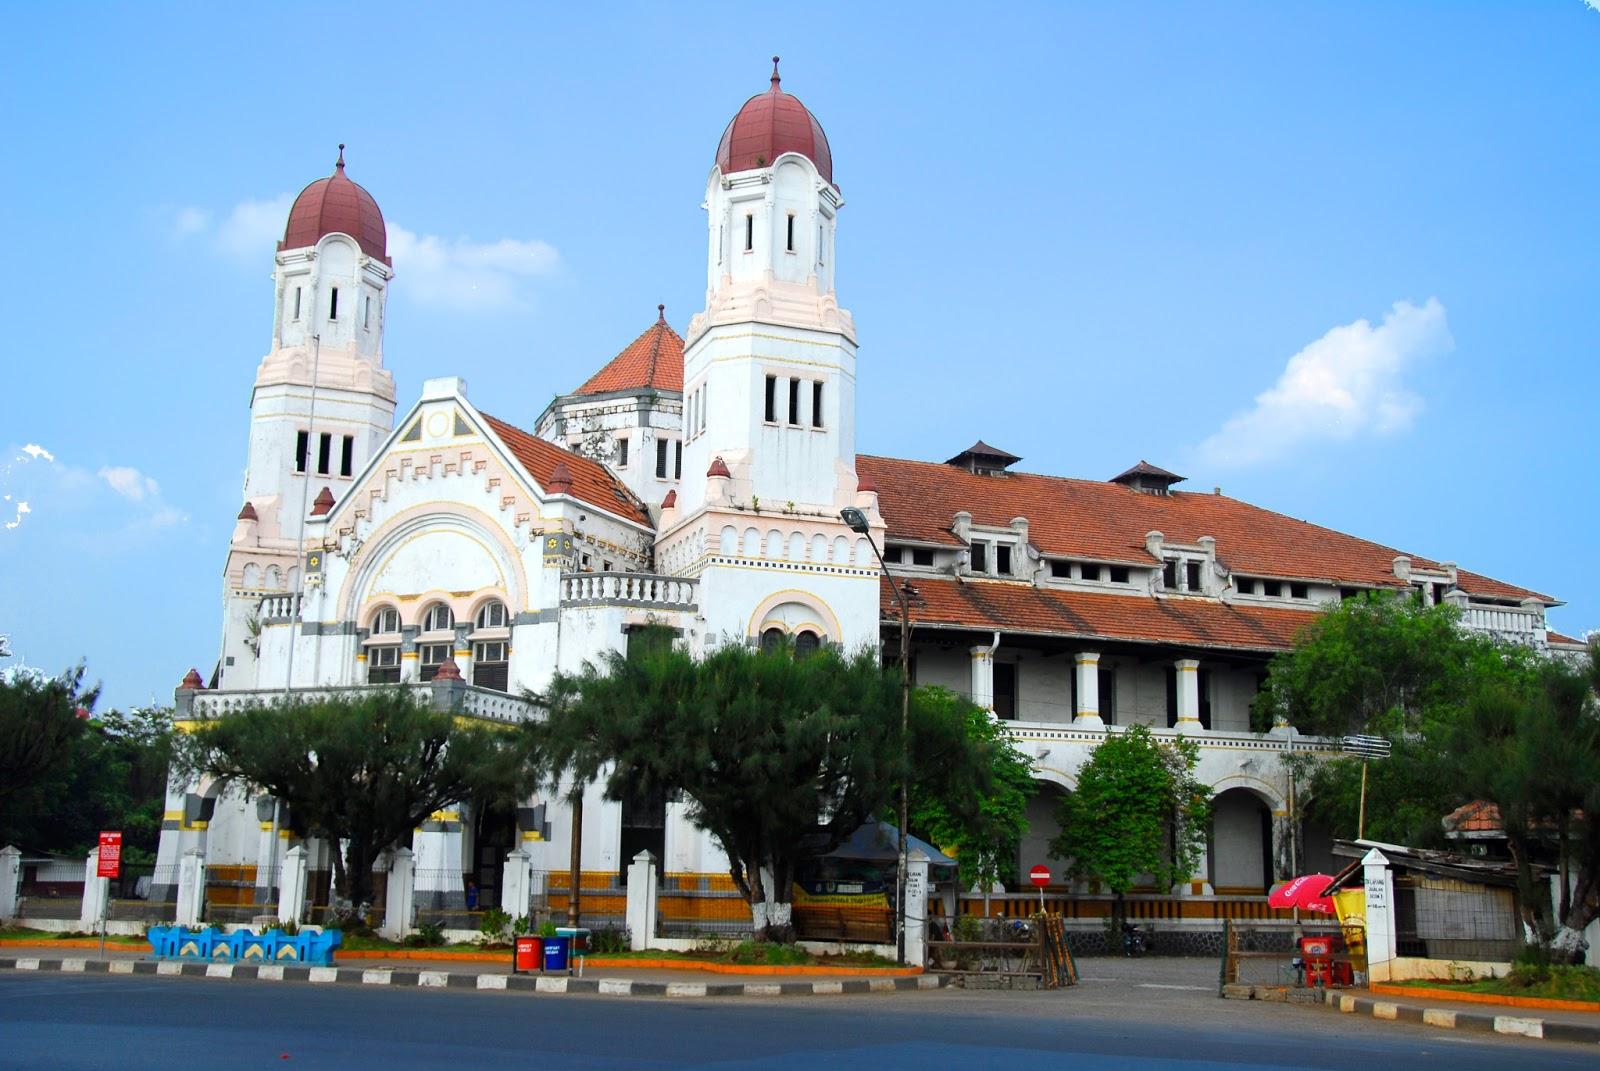 Lawang Sewu Semarang Amazing Indonesiaku Membahas Salah Satu Bangunan Cukup